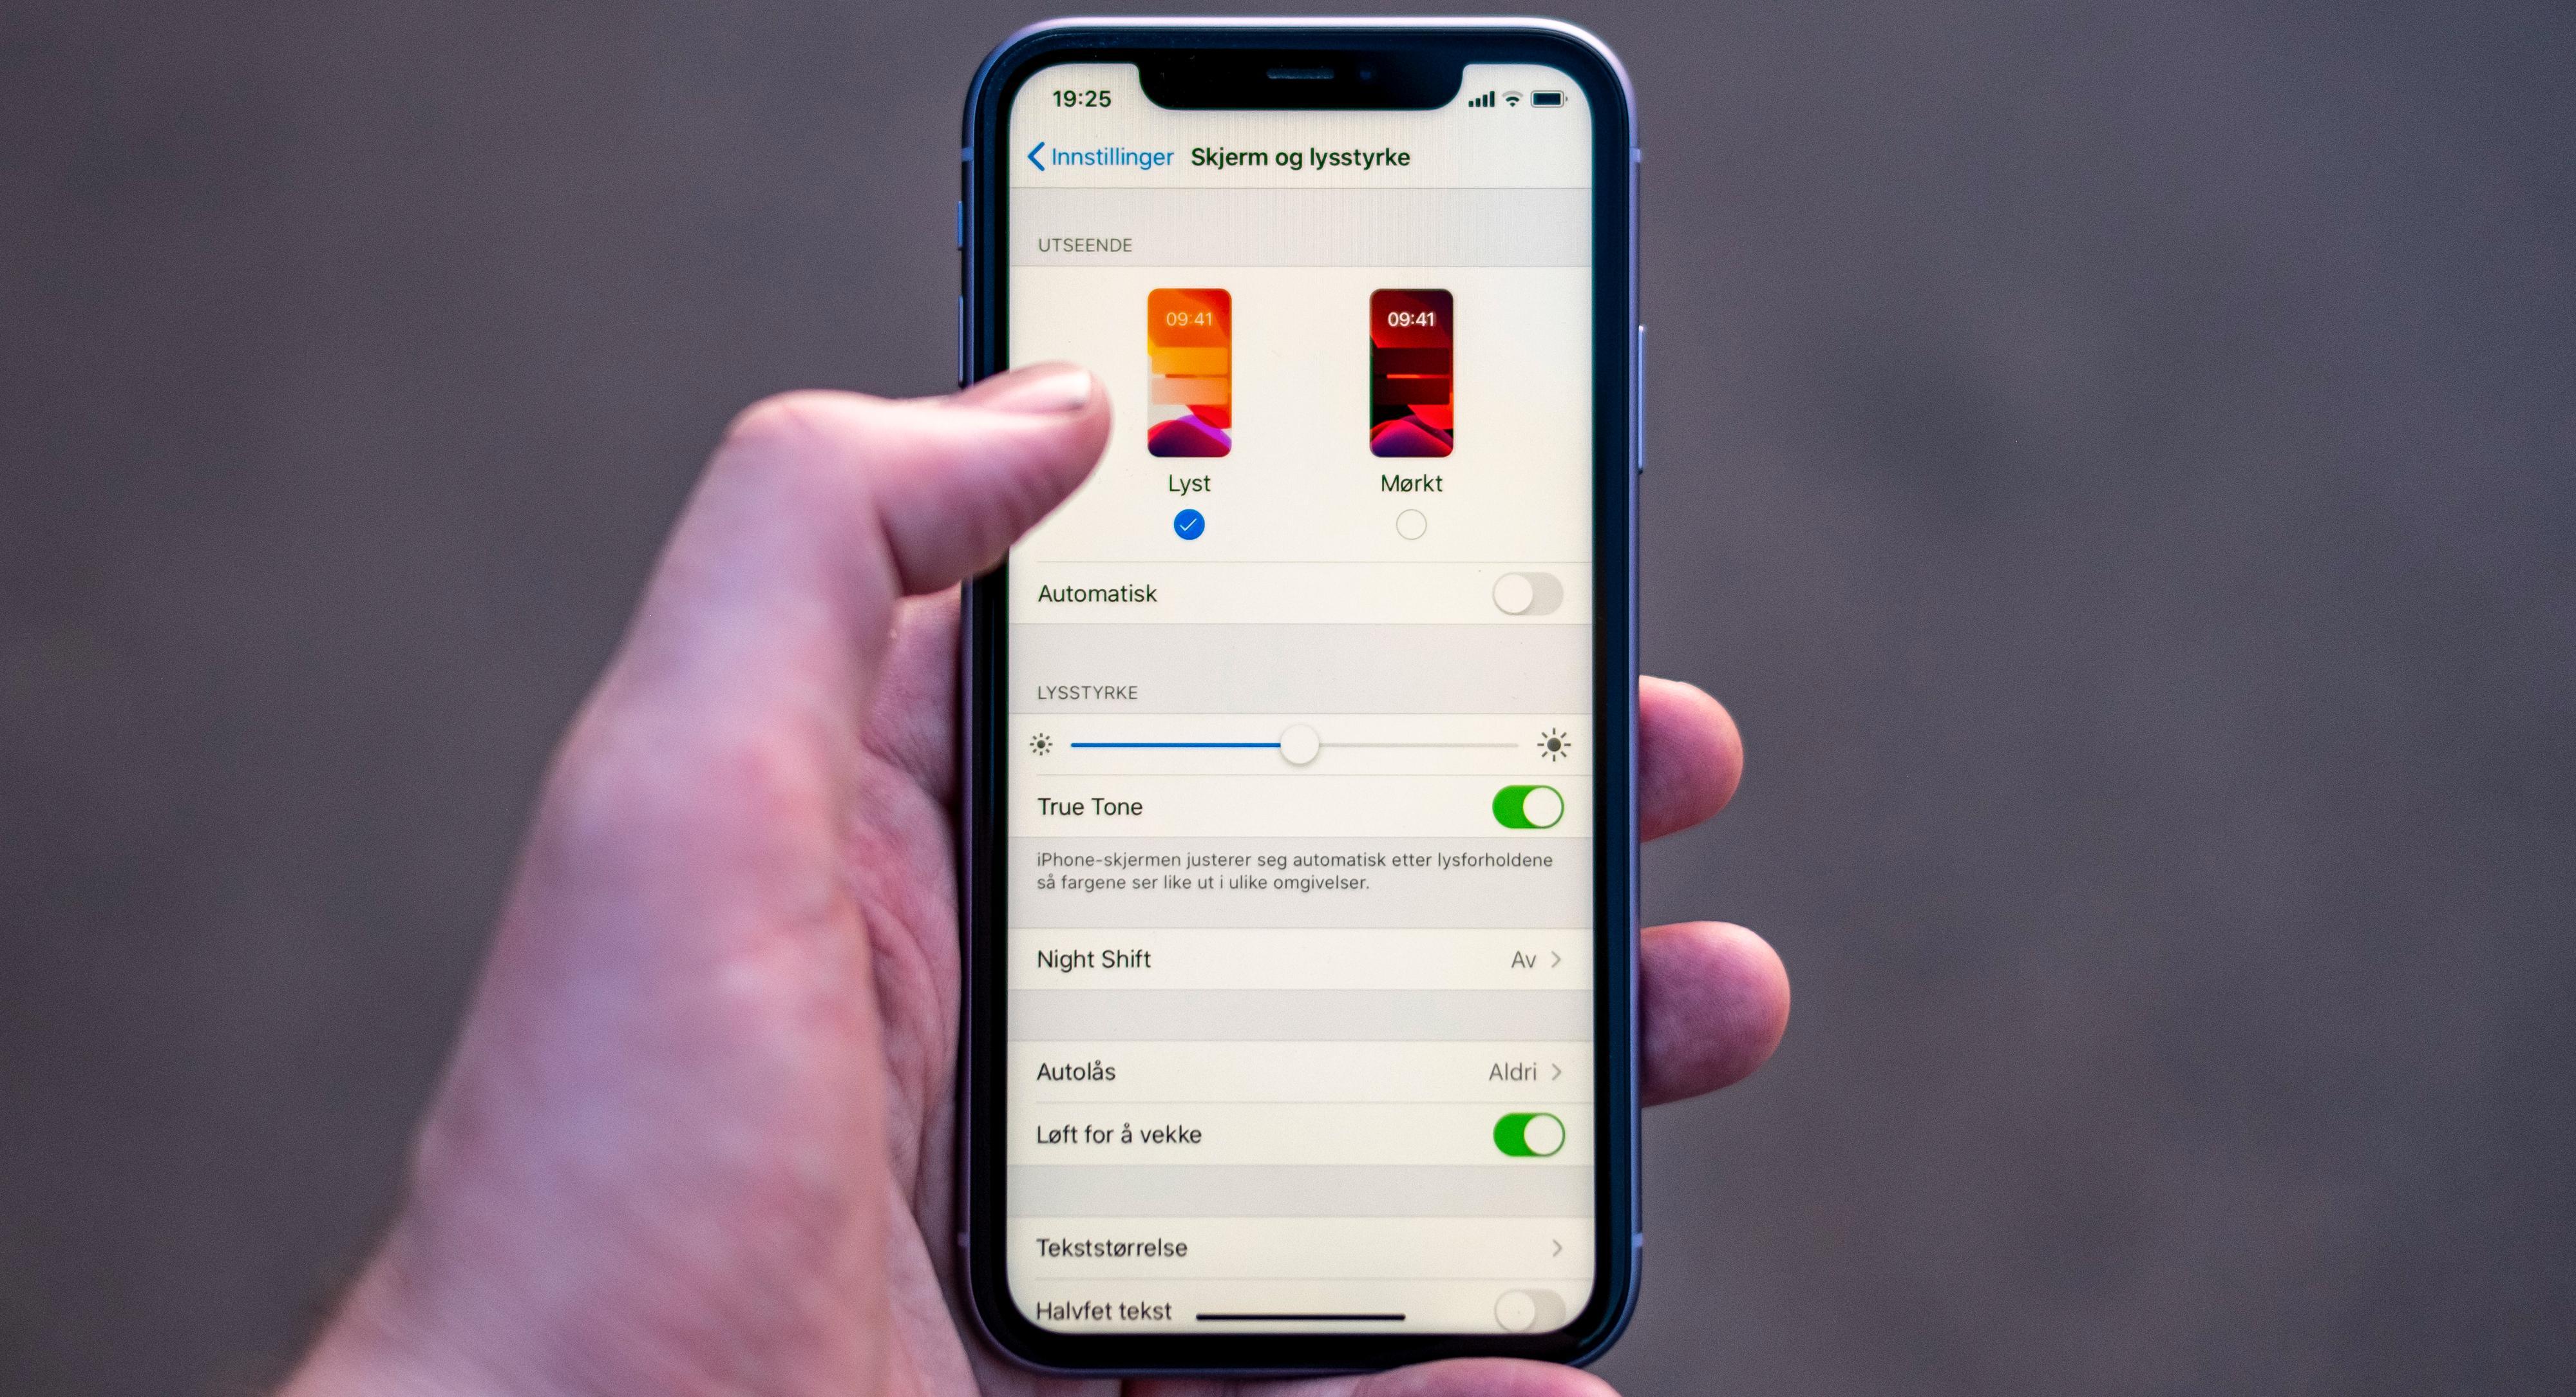 Du får selvsagt mørk modus også i den vanlige iPhone 11-versjonen, men i Pro-telefonene gjør den dobbel nytte. Der sparer den både synet ditt og batteriet, siden de mer påkostede AMOLED-skjermene ikke lyser opp områder som er svarte i det hele tatt, mens iPhone 11s LCD-skjerm lyser over det hele hele tiden - den blokker bare ut lyset der det er mørkt.